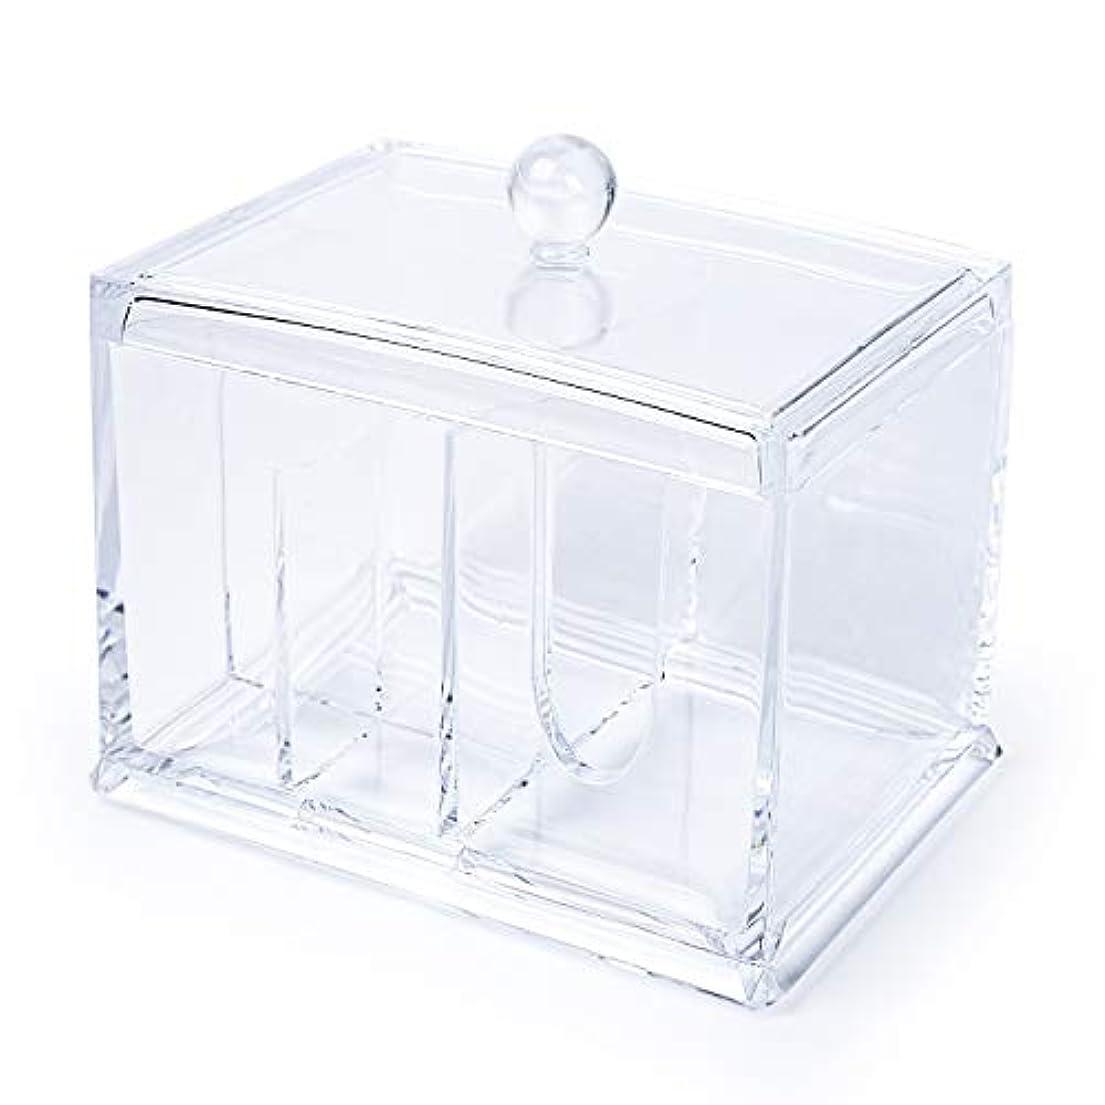 知恵上げる等しいELOKI 収納ボックス アクリルケース 収納ボックス 綿棒 小物?コスメ小物用品収納 ジュエリーボックス アクセサリー 透明 防塵?蓋付き アクリル製